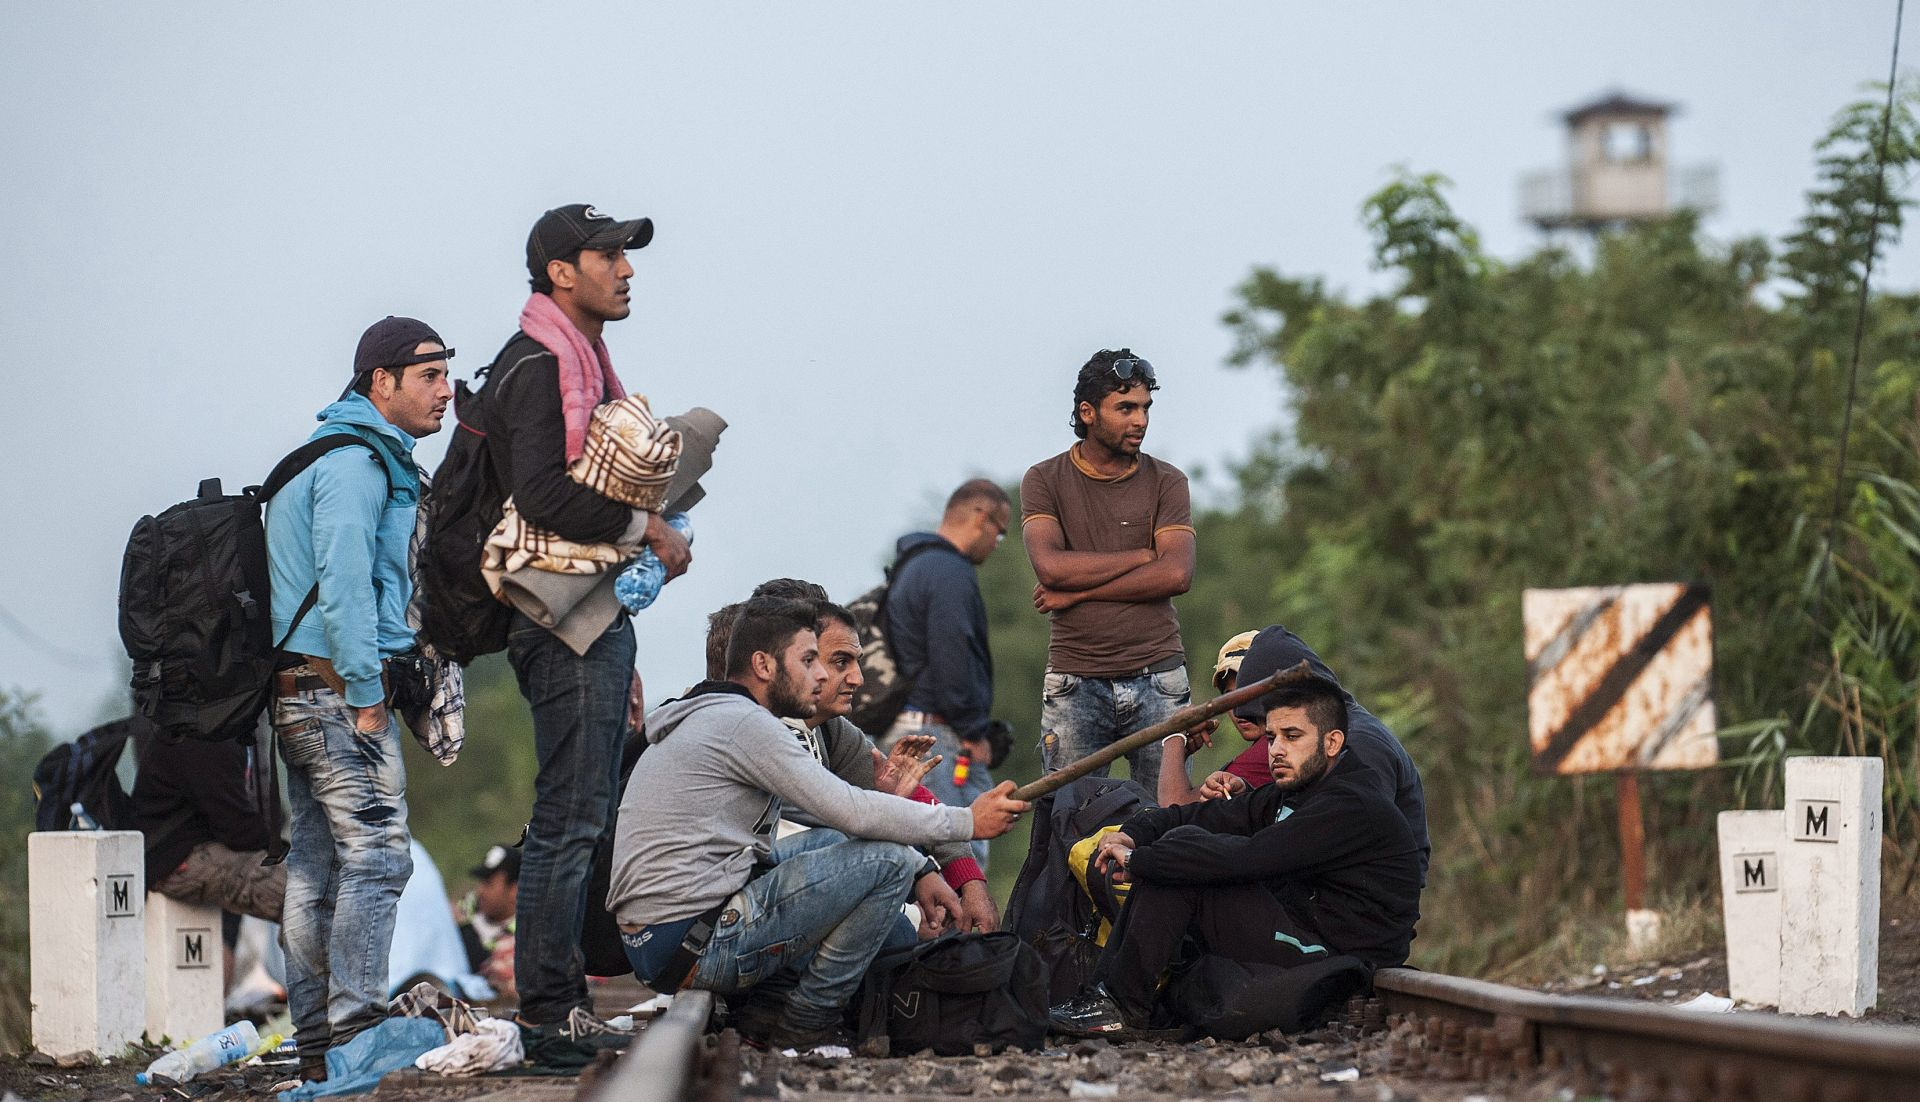 Broj izbjeglica koji dolaze u Mađarsku i dalje rekordno visok